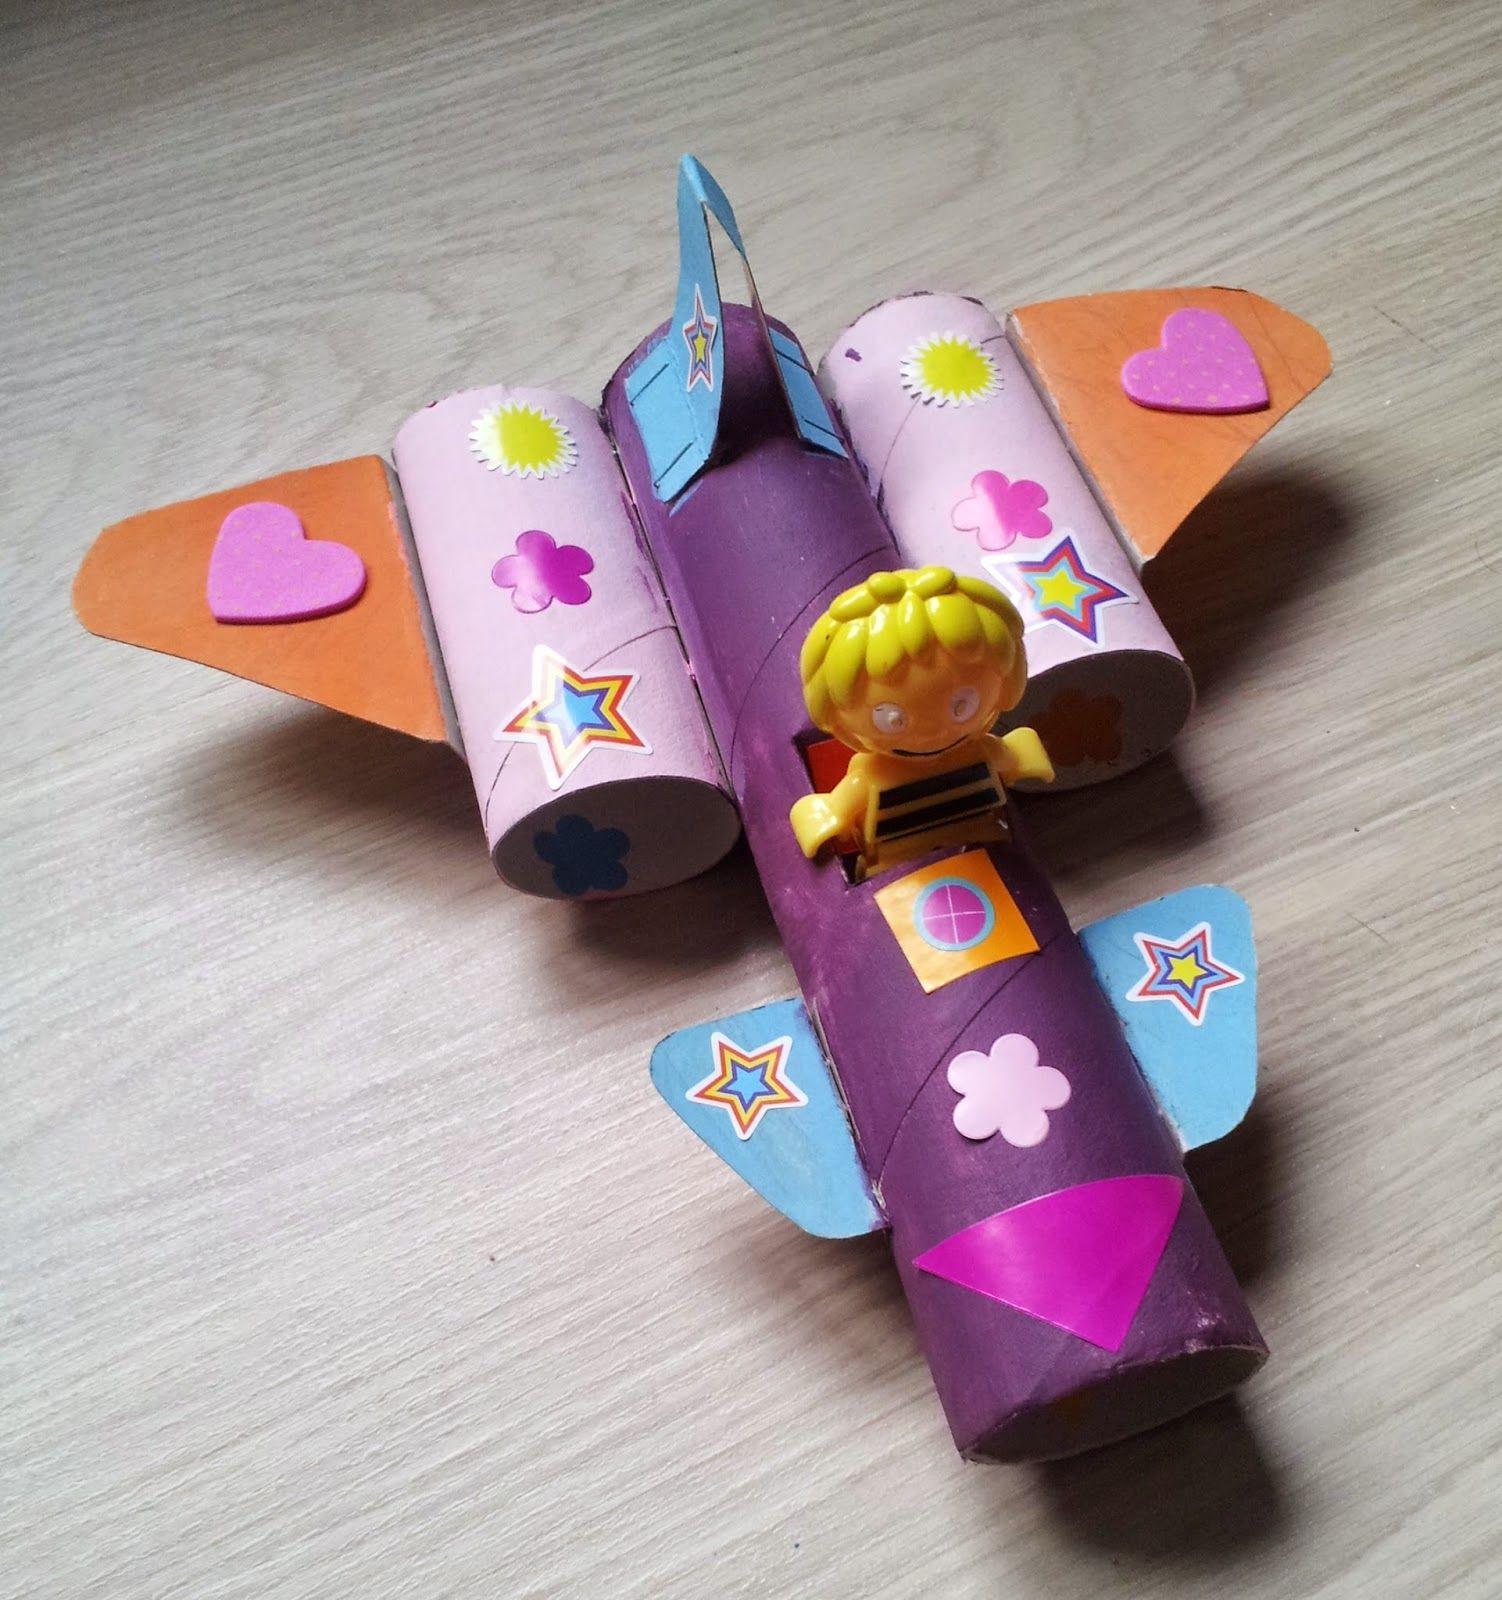 Diy Créations En Carton | Artisanat D'enfants Recyclés à Activité Manuelle Rapide Primaire